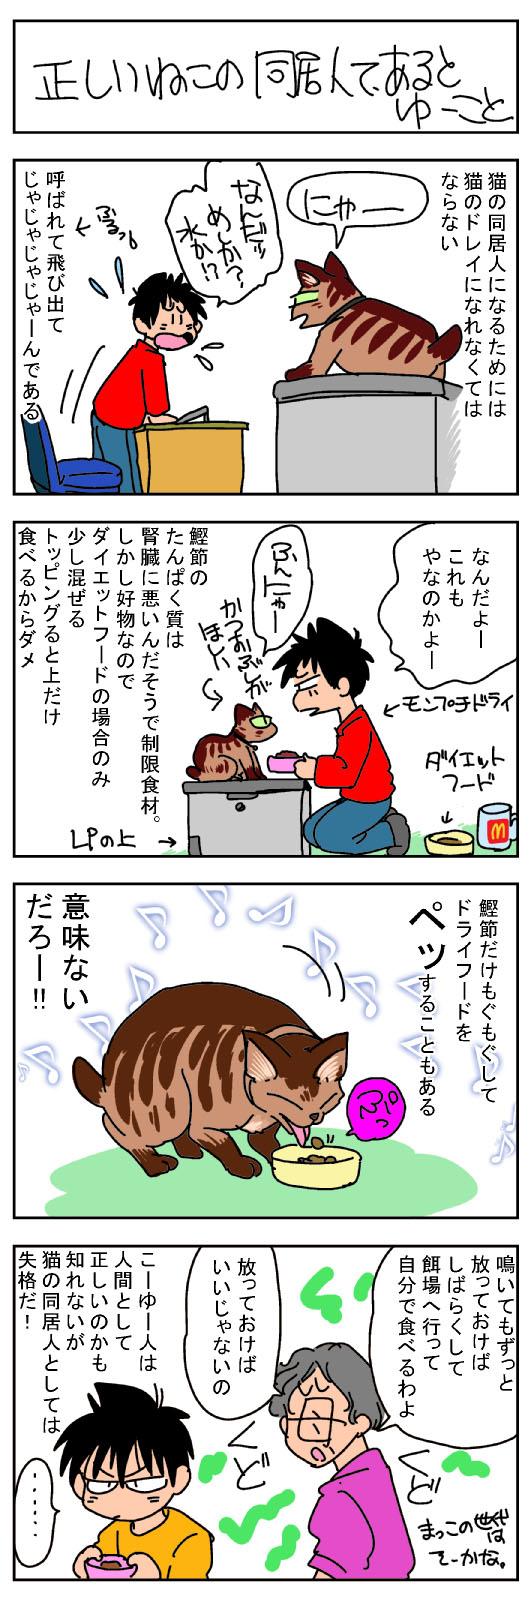 正しい猫の同居人であるとゆーこと